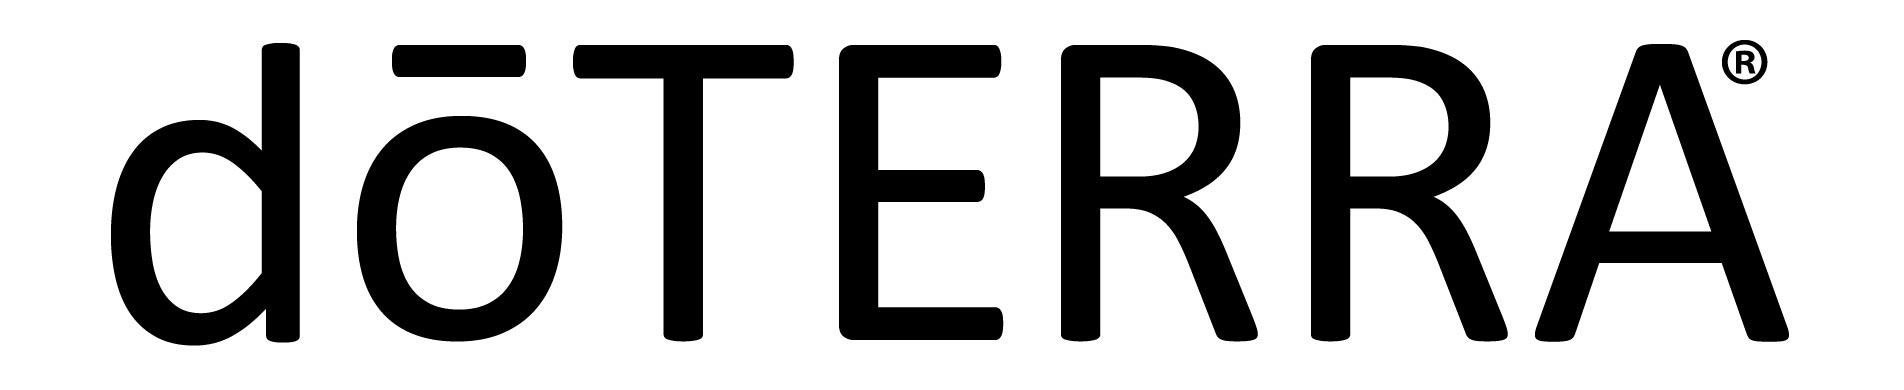 Logo_lg_bk (1).jpg